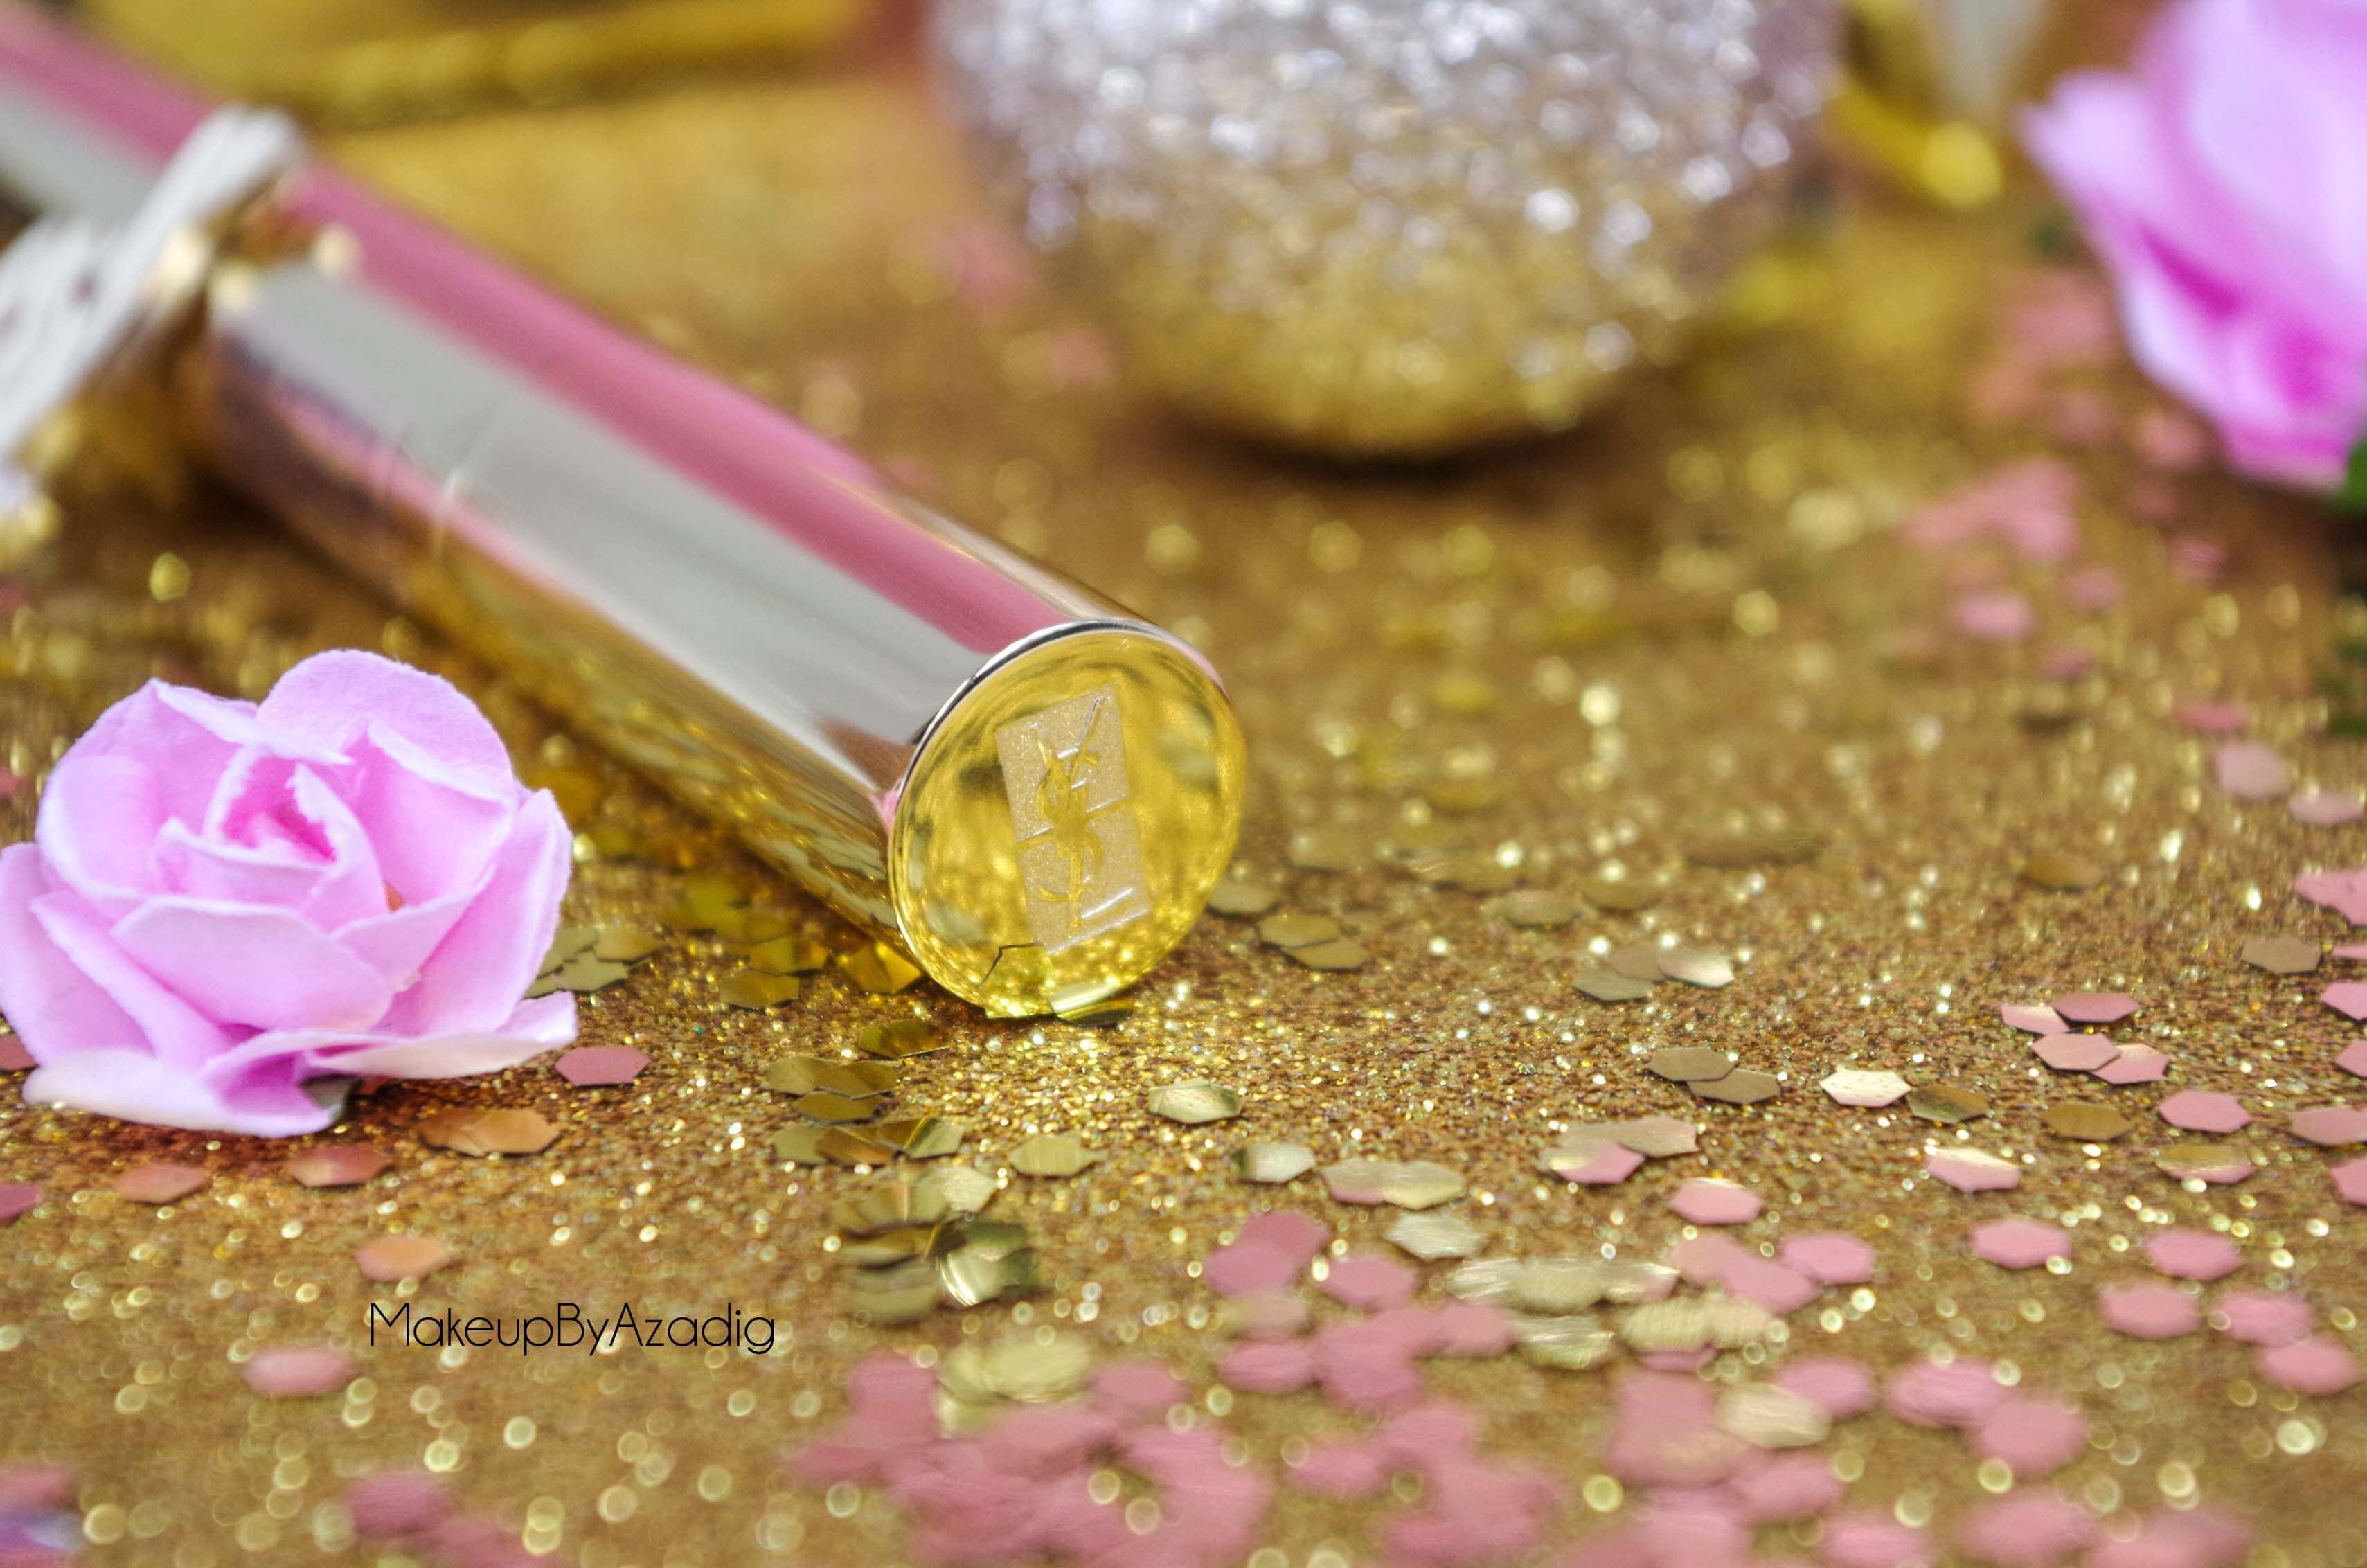 sephora-stylo-touche-eclat-radiant-touch-enlumineur-yves-saint-laurent-ysl-revue-review-avis-prix-lucette-makeupbyazadig-nouvelle-collection